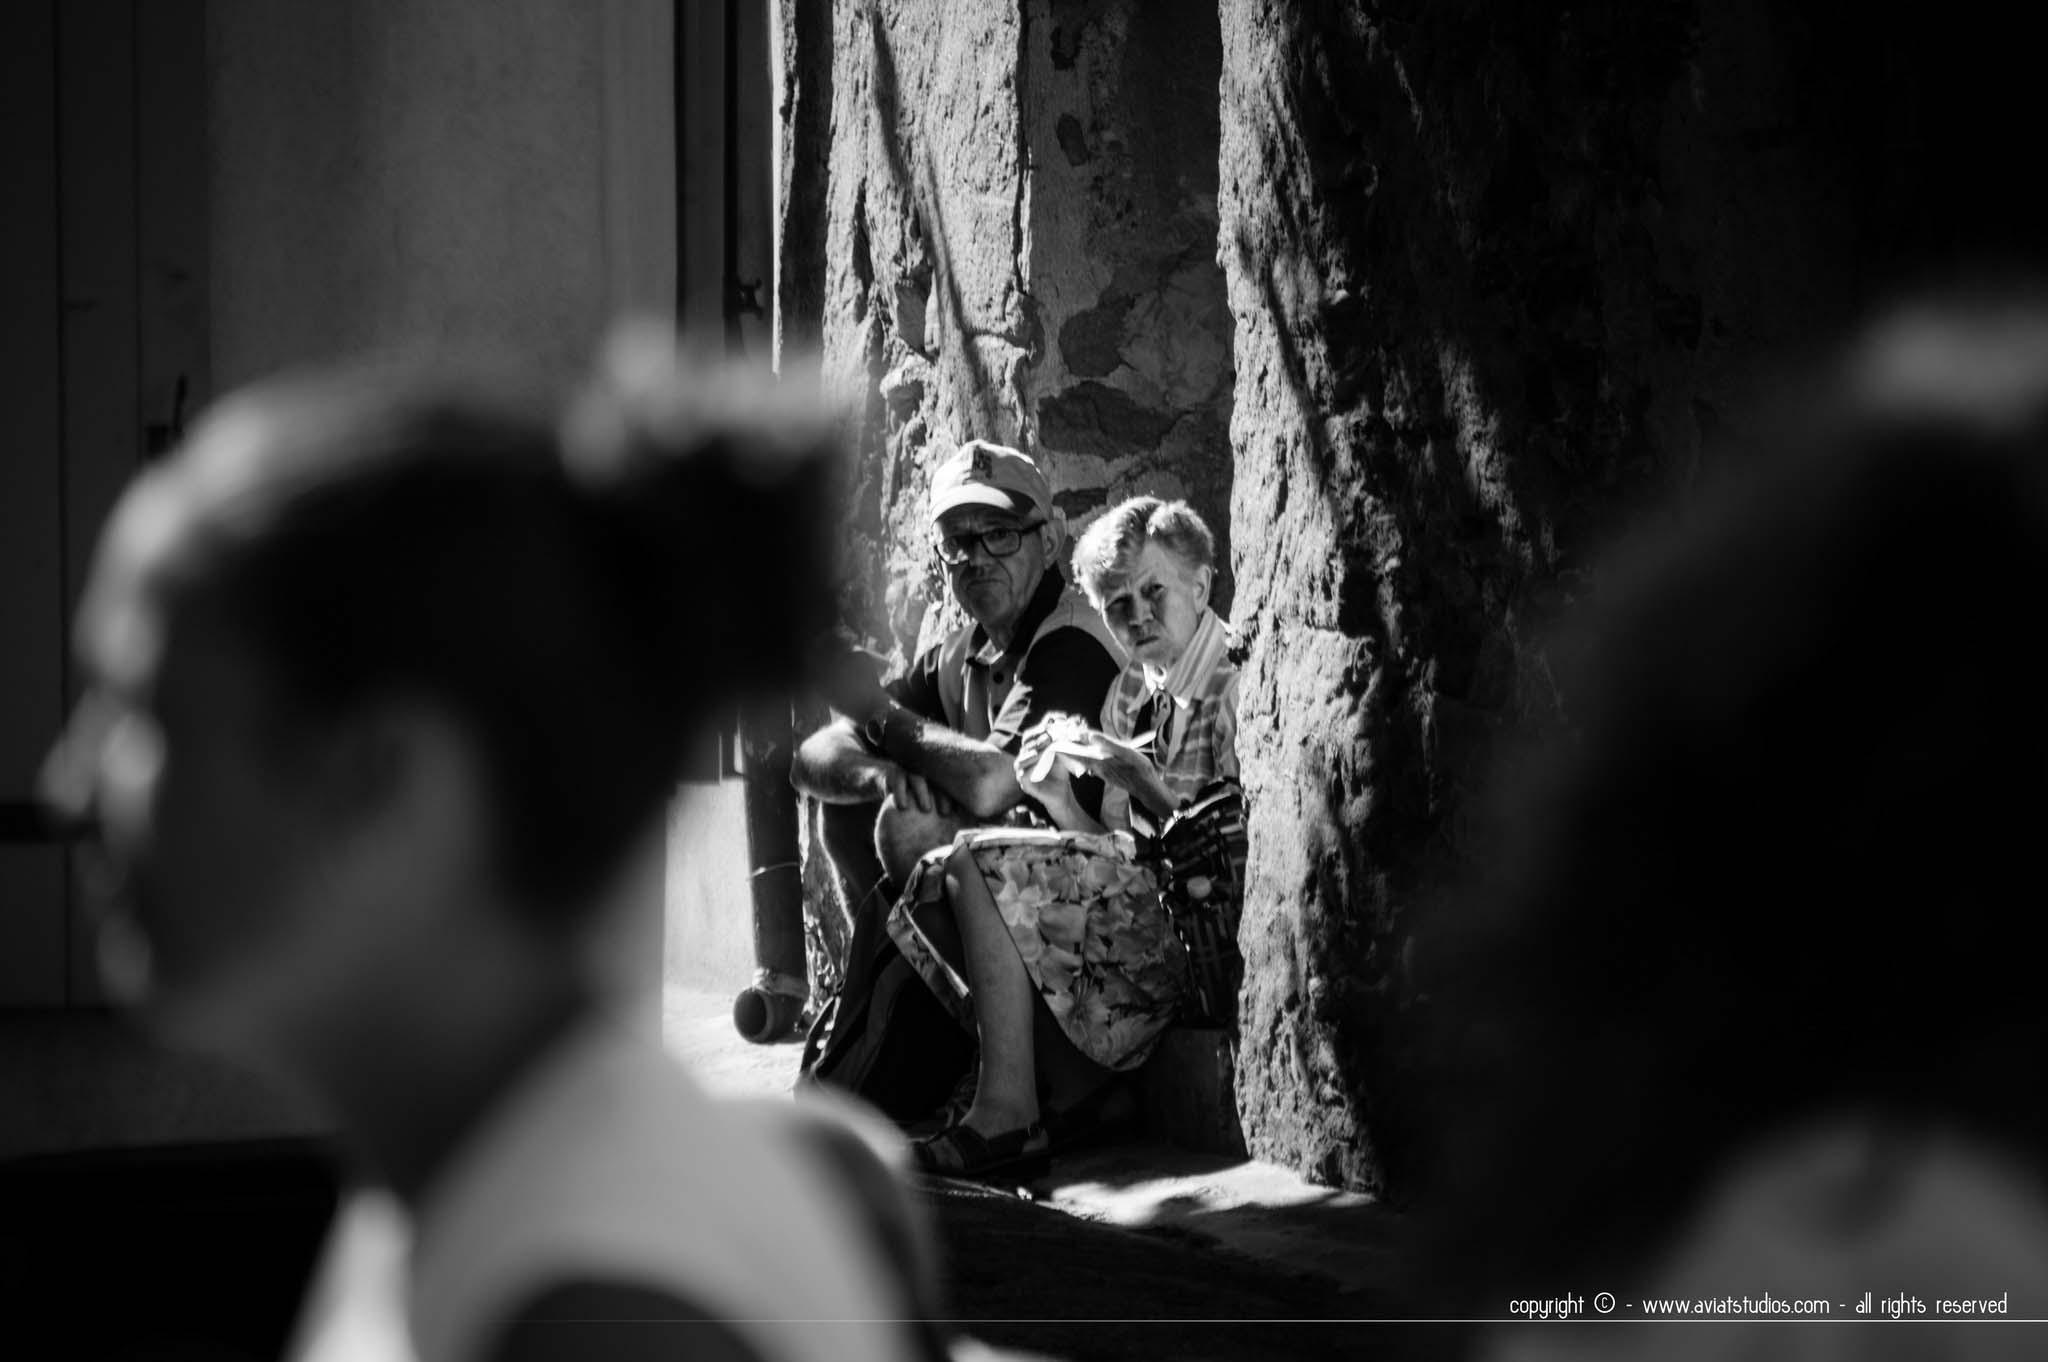 fête de la Châtaigne de Collobrières - un couple de visiteurs âgés assis sur des marches dans une ruelle